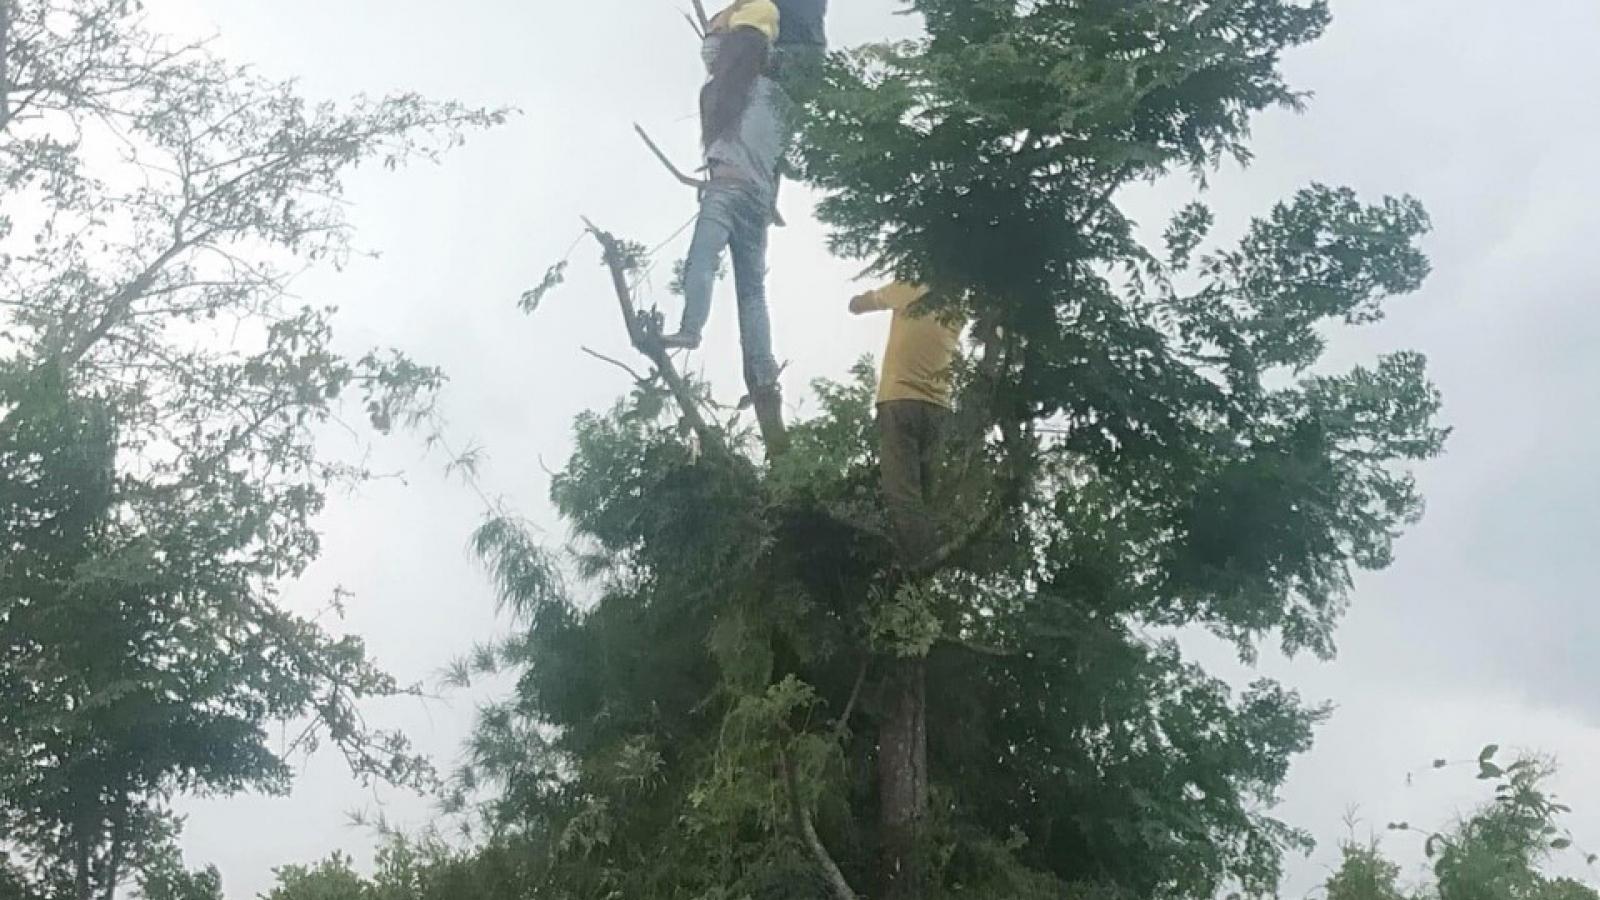 Trèo cây hái lá cho dê ăn, một phụ nữ ở Đắk Lắk bị điện giật tử vong